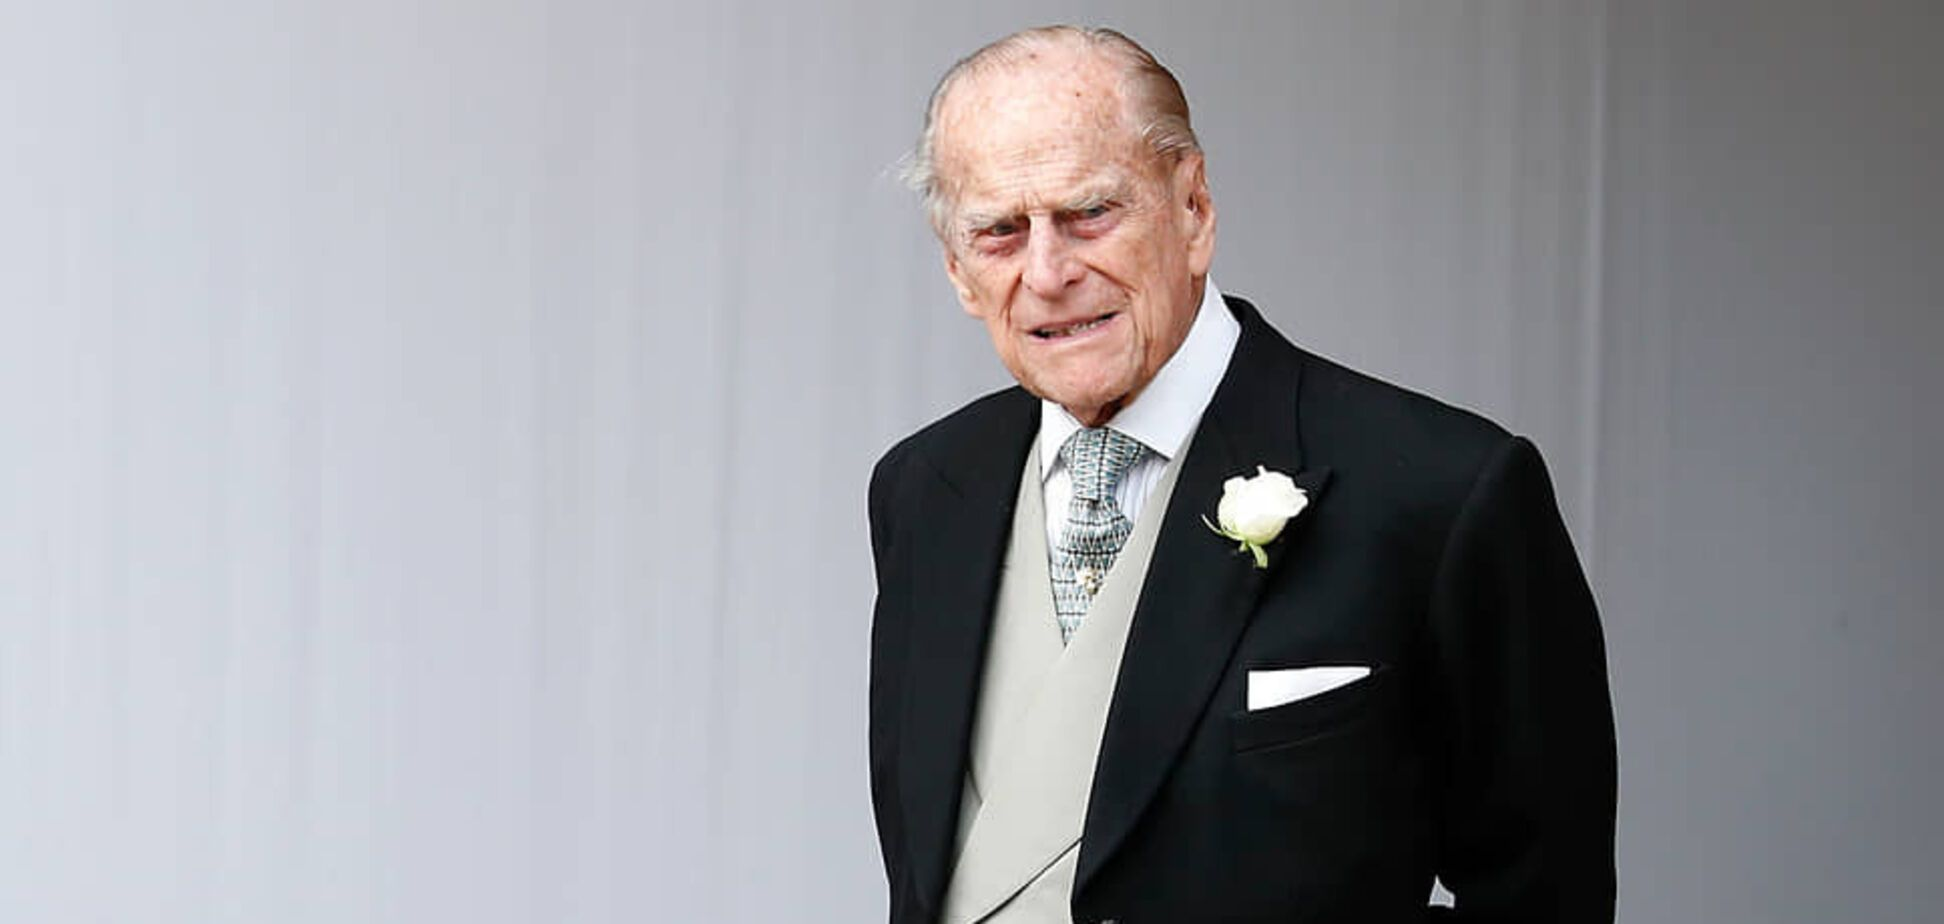 Тень королевы: интересные факты о покойном принце Филиппе